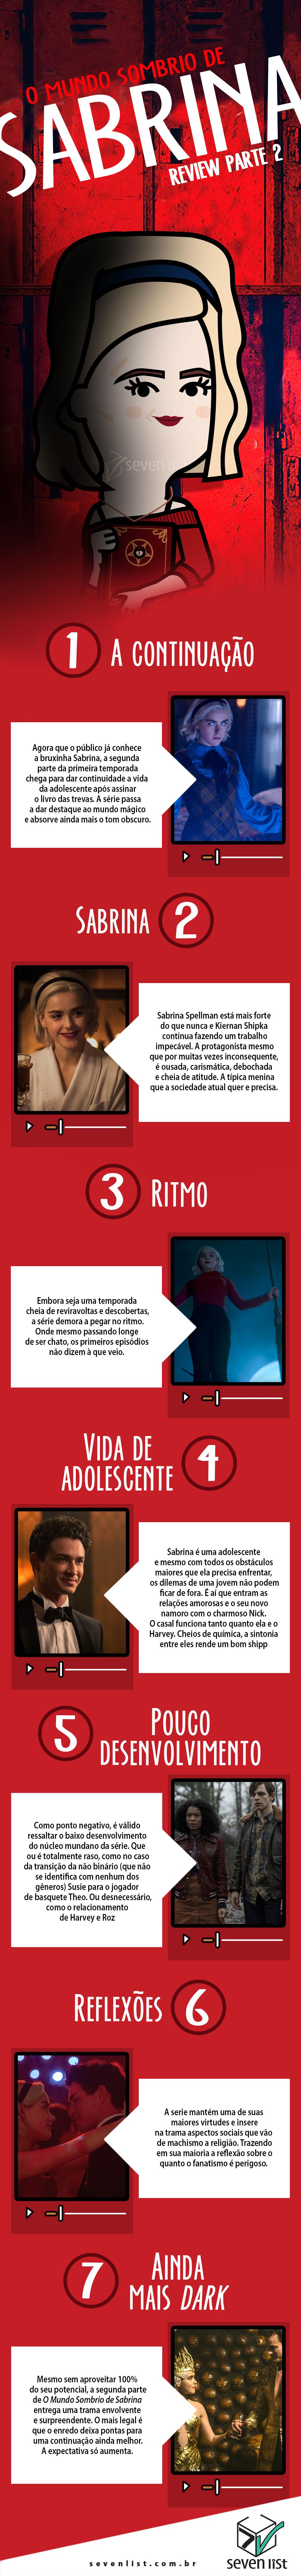 O MUNDO SOMBRIO DE SABRINA - REVIEW PARTE 2 - NETFLIX - SEVEN LIST